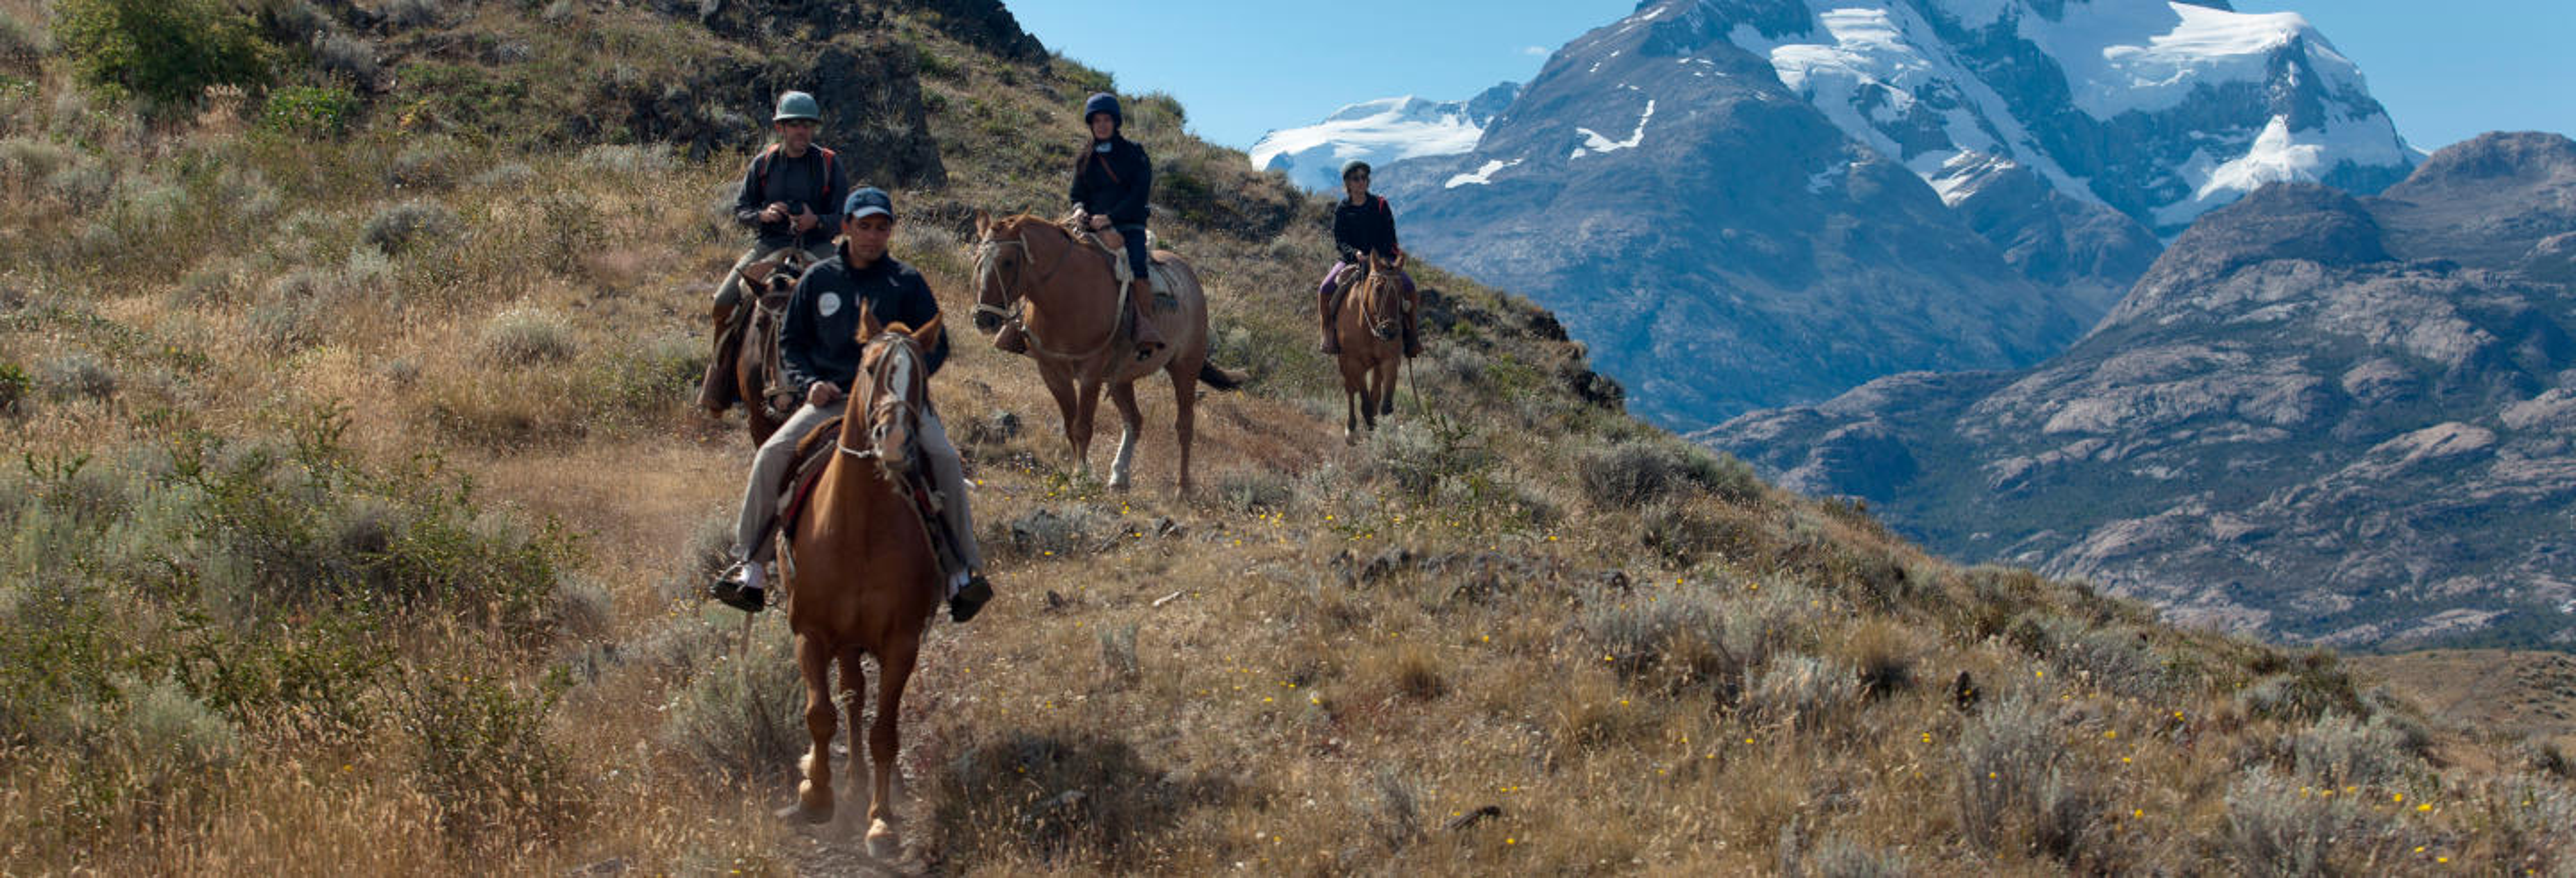 Giro a cavallo a Estancia Cristina